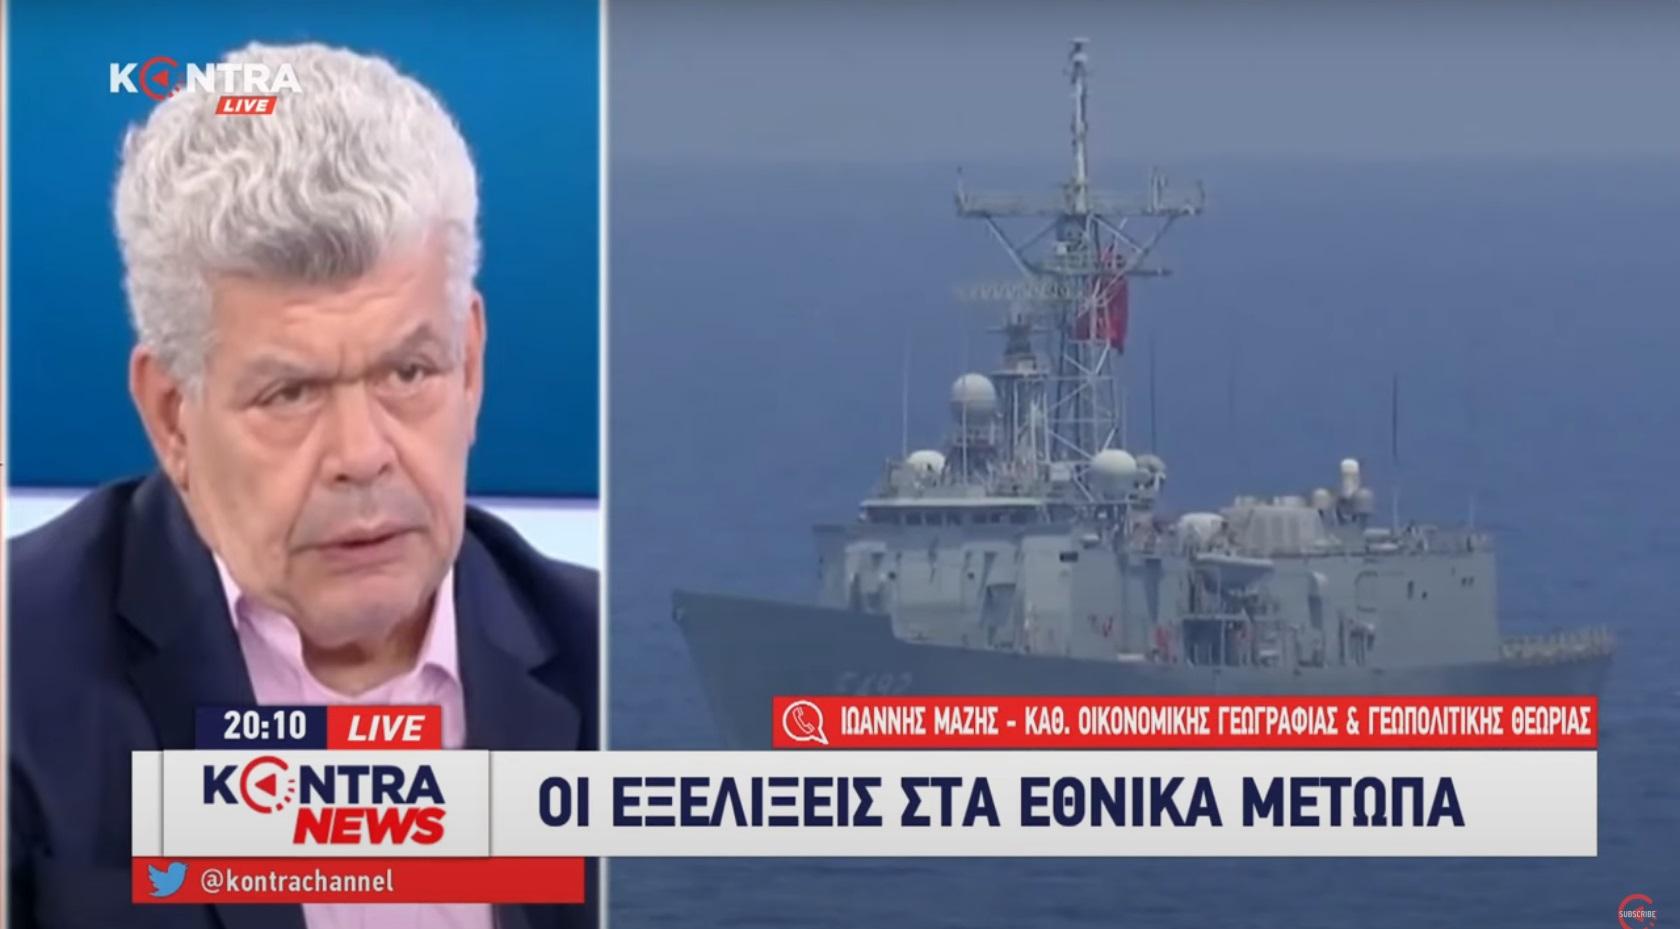 ΑΠΟΚΑΛΥΨΗ! Ιωάννης Μάζης: Να είμαστε έτοιμοι για αιφνιδιασμό σε 5 μέτωπα από την Τουρκία [ΒΙΝΤΕΟ]